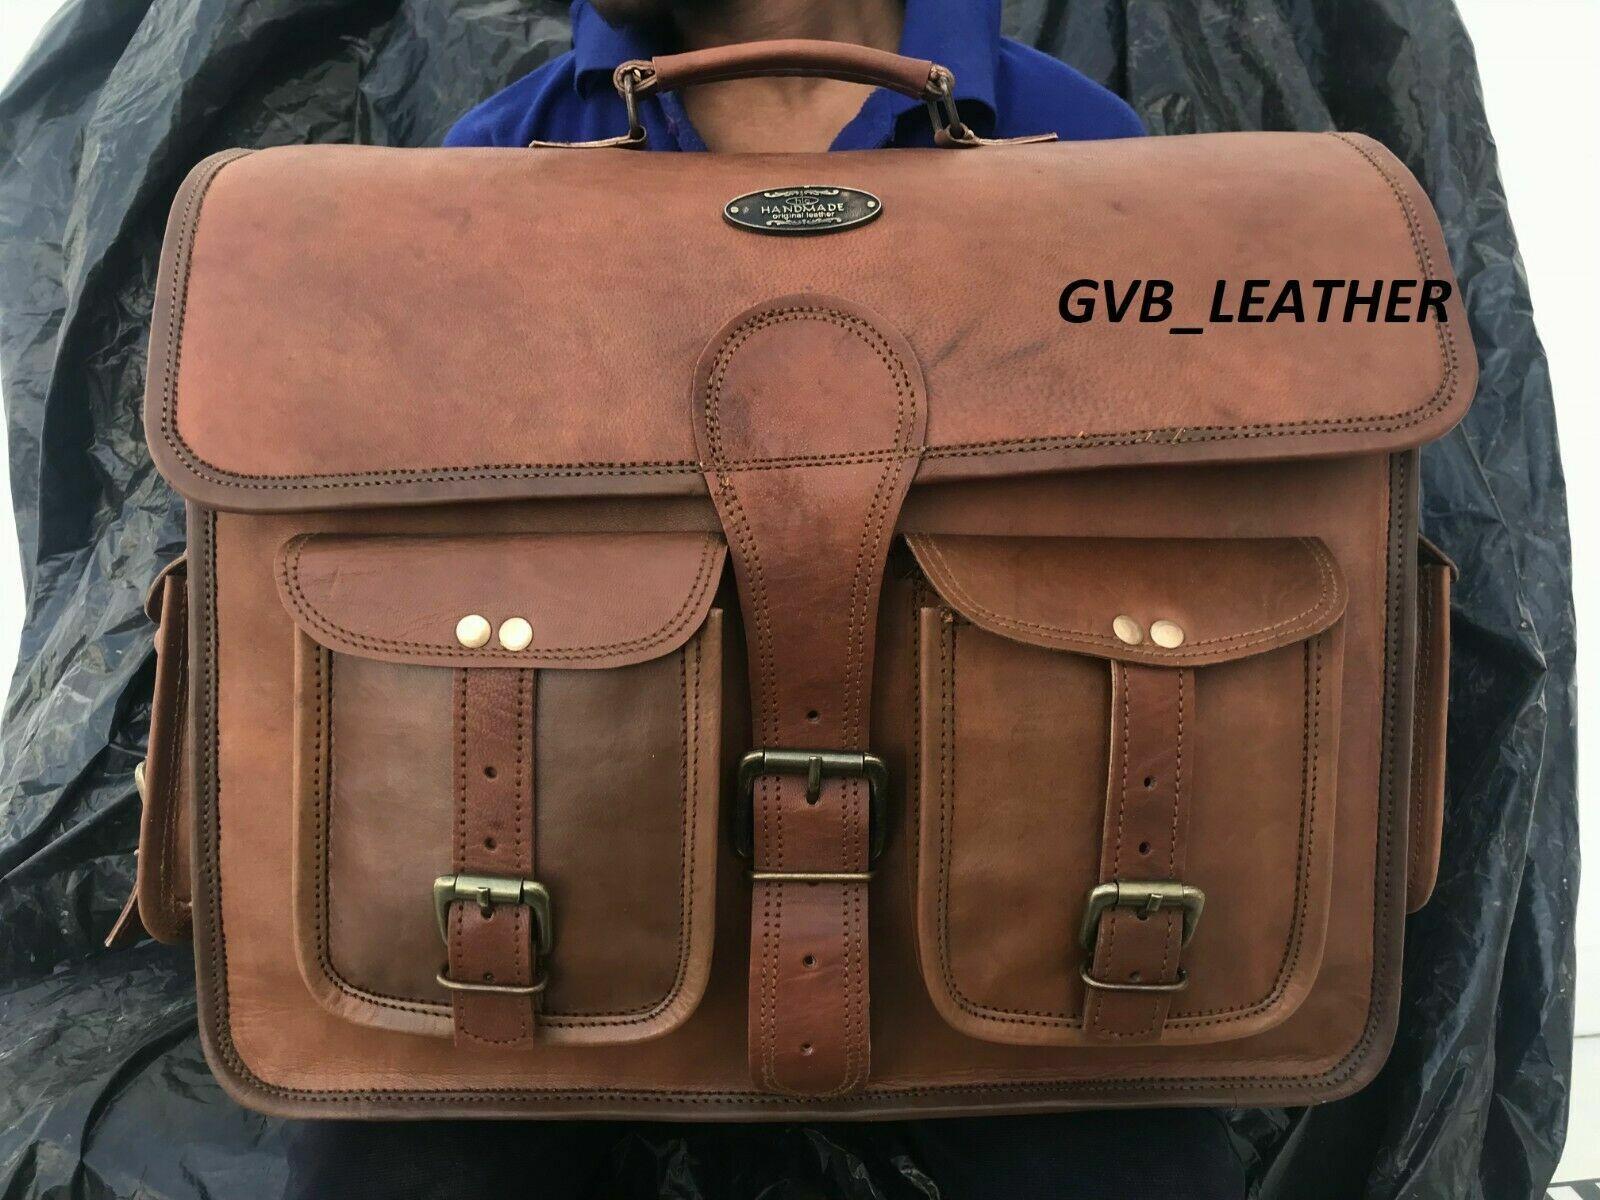 Laptop Multinational Business Case Satchel Bag Mens Vintage Leather Messenger